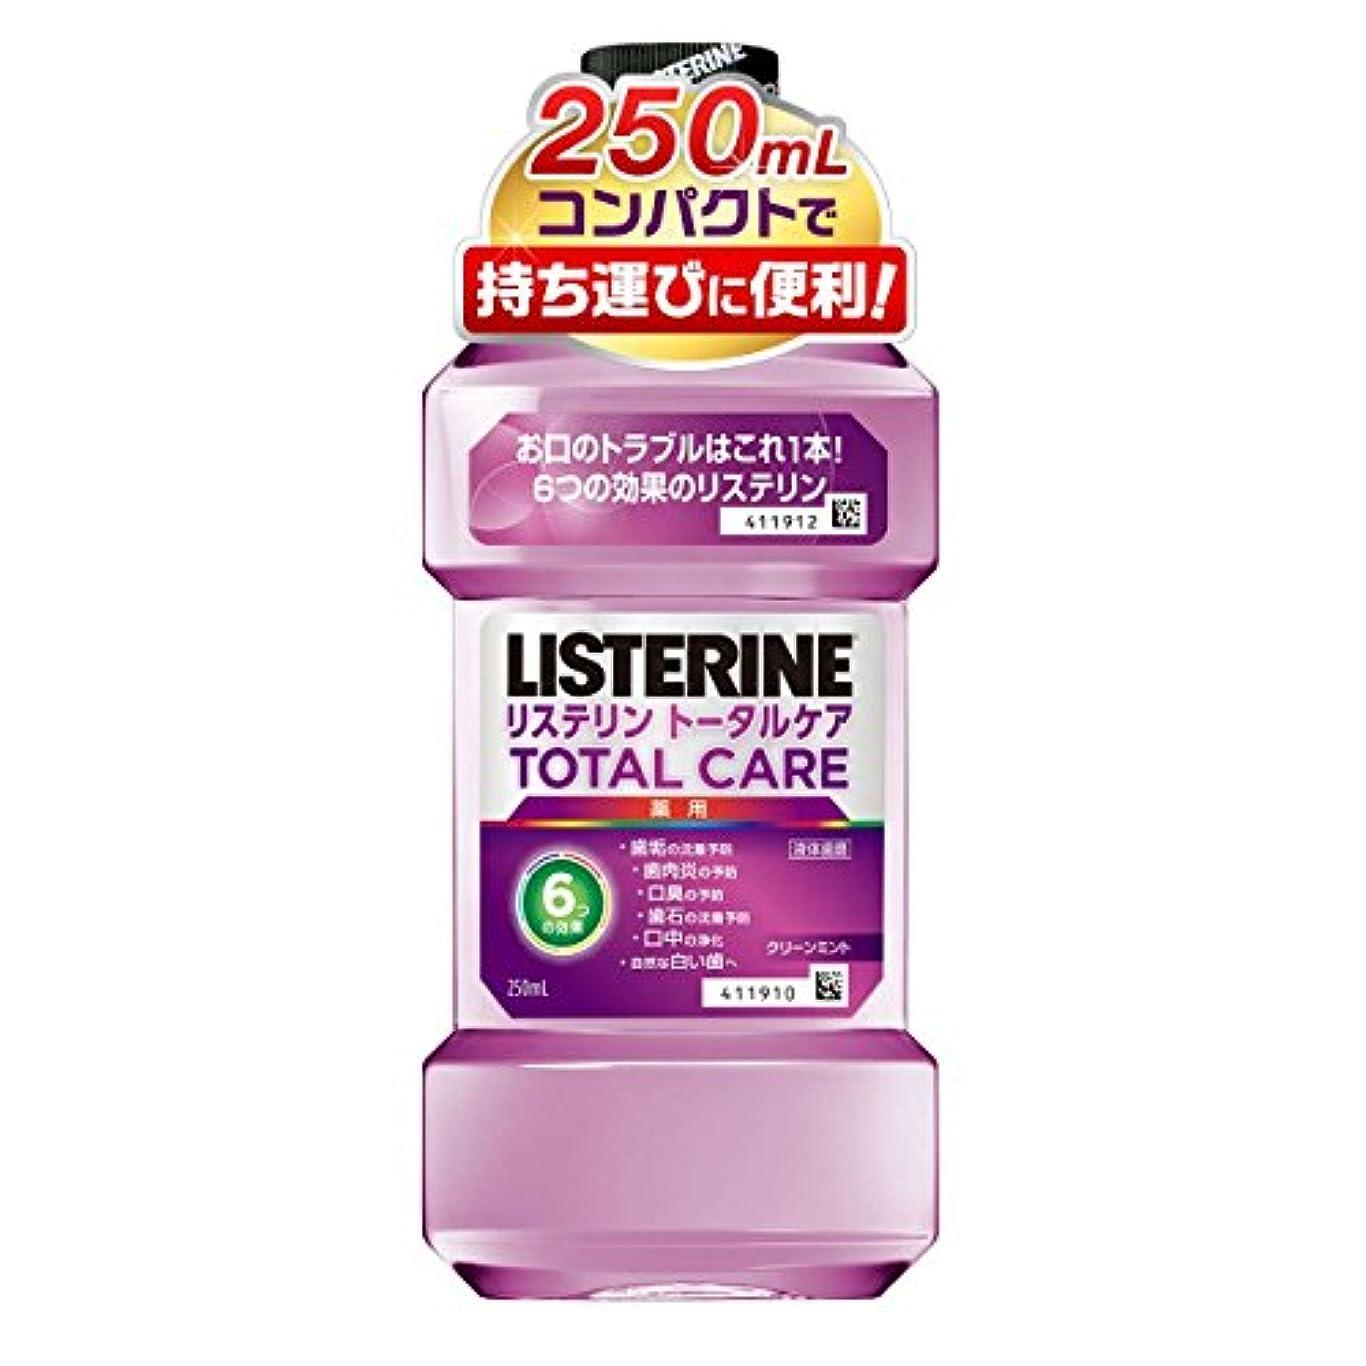 胸ピストン販売員[医薬部外品] 薬用 リステリン マウスウォッシュ トータルケア 250mL【持ち運びサイズ】